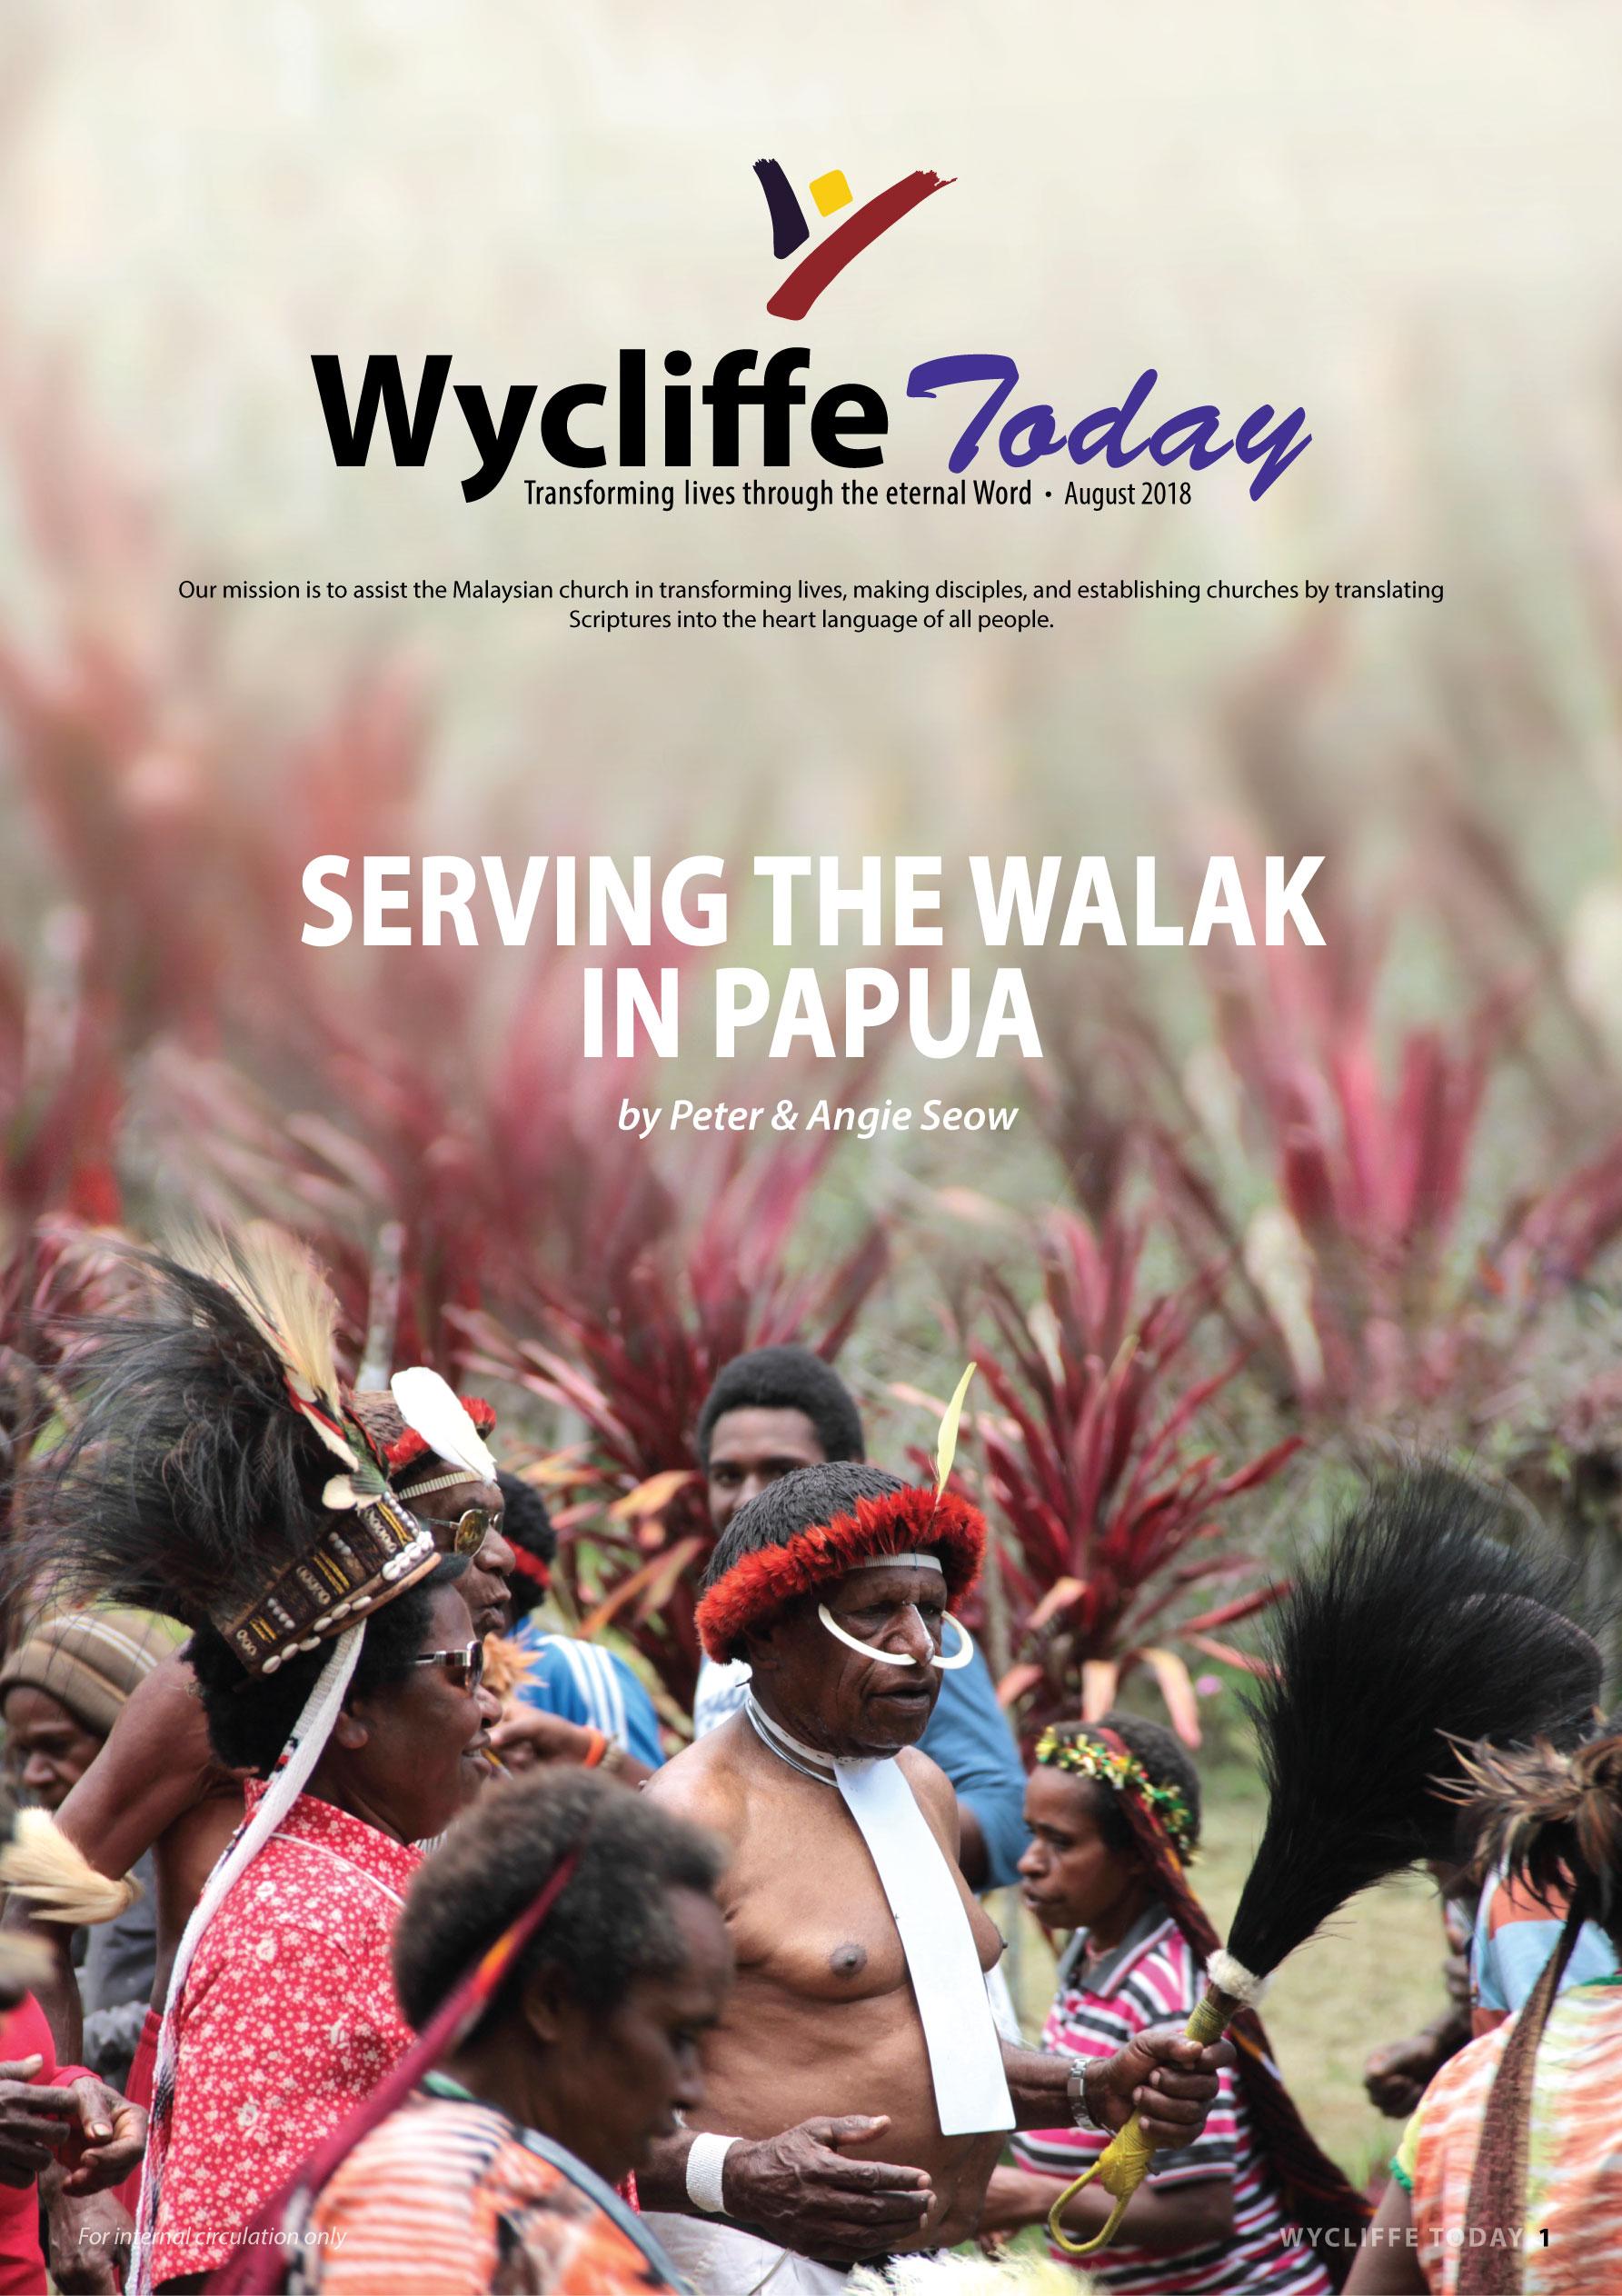 Wycliffe-Today-2018-02